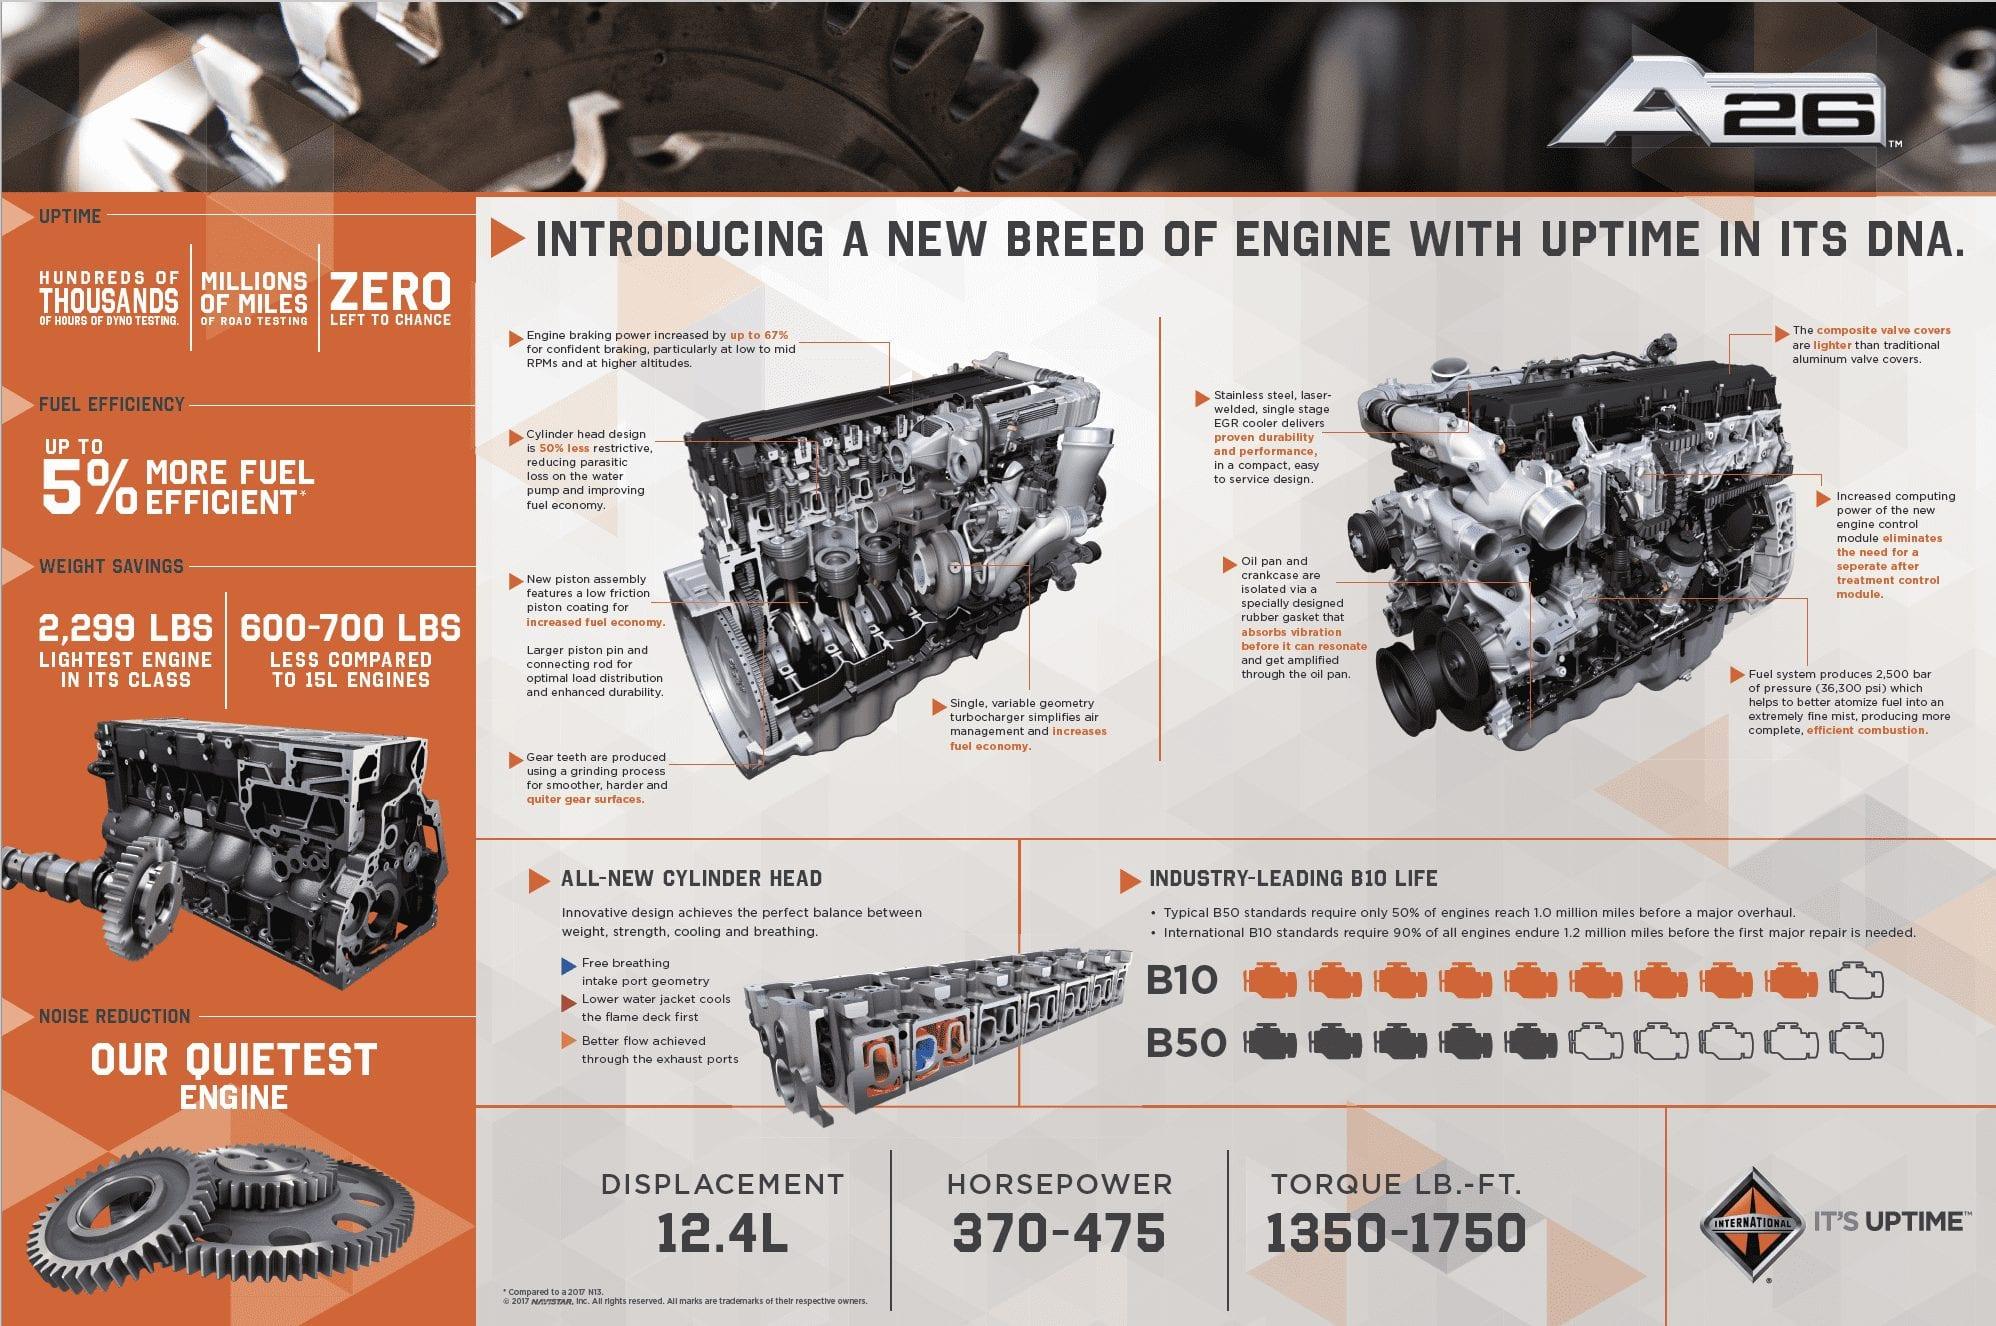 New A26 Diesel Engine - Cumberland International Trucks - Nashville, TN